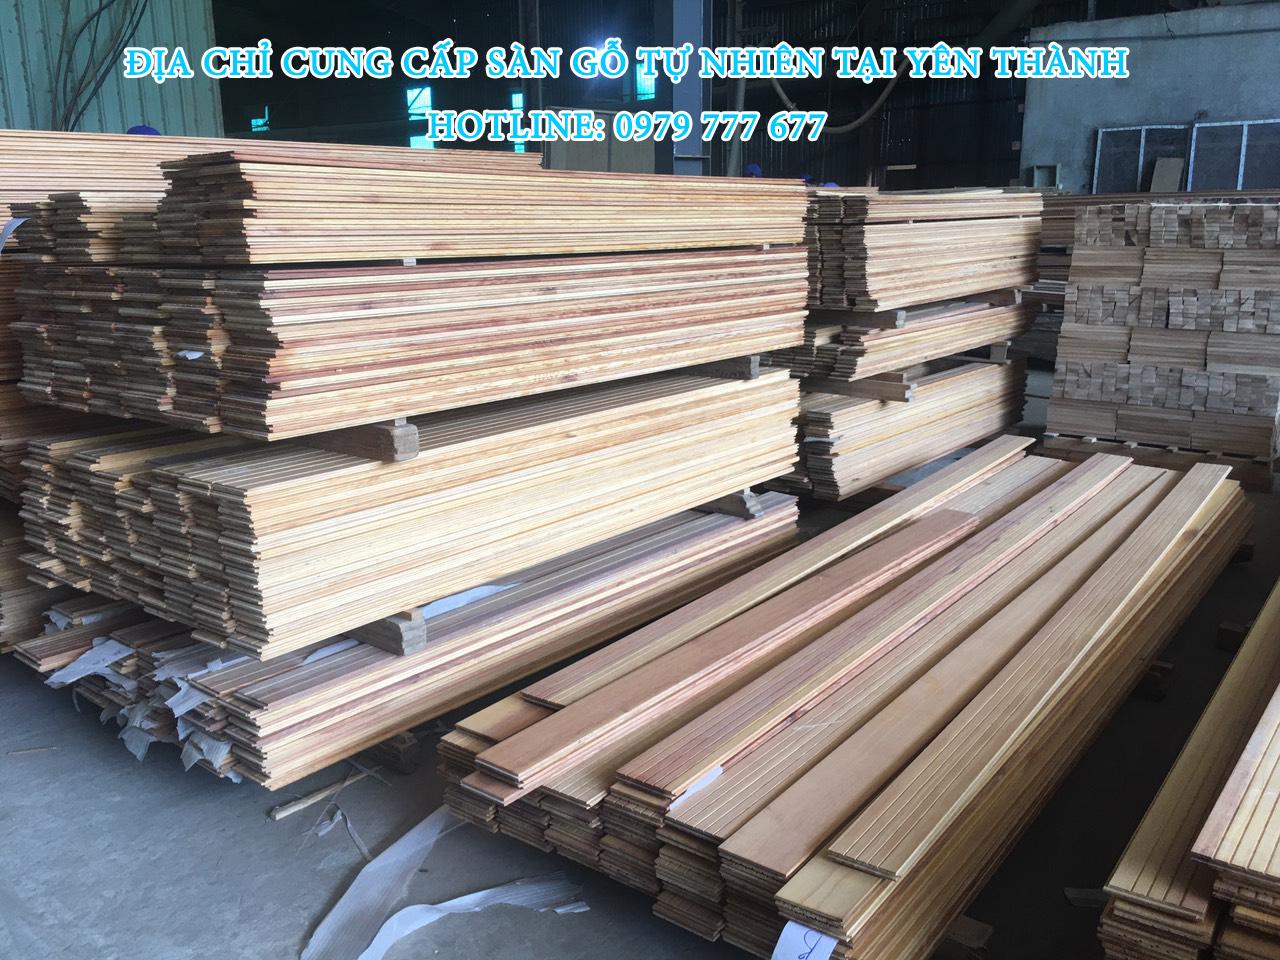 Địa chỉ cung cấp nội thất đồ gỗ tại Yên Thành, Nghệ An - Hotline: 0979 777 677